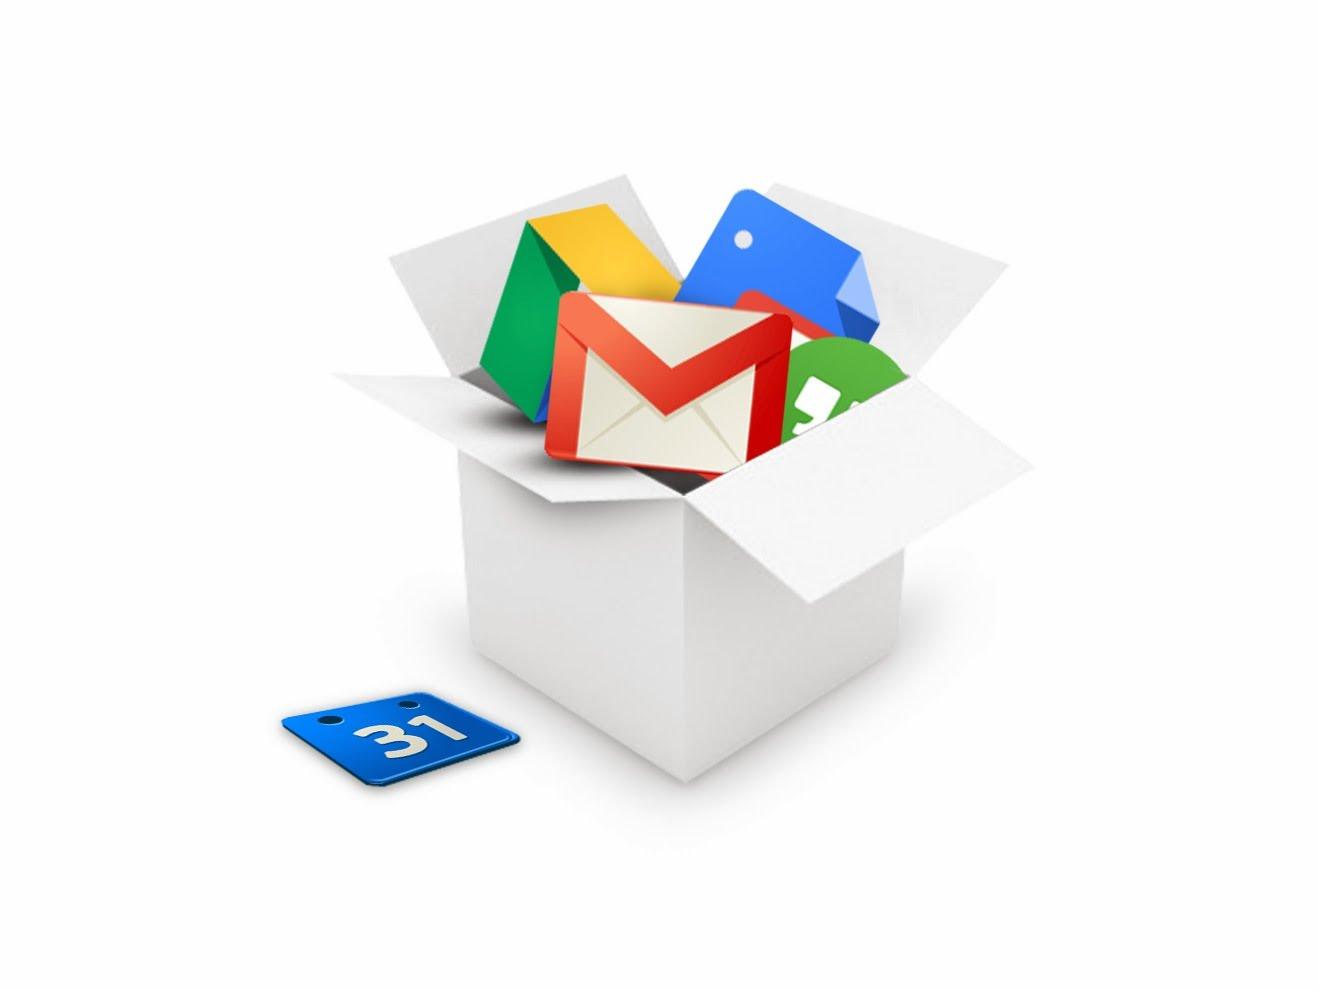 comment envoyer un fichier lourd par mail